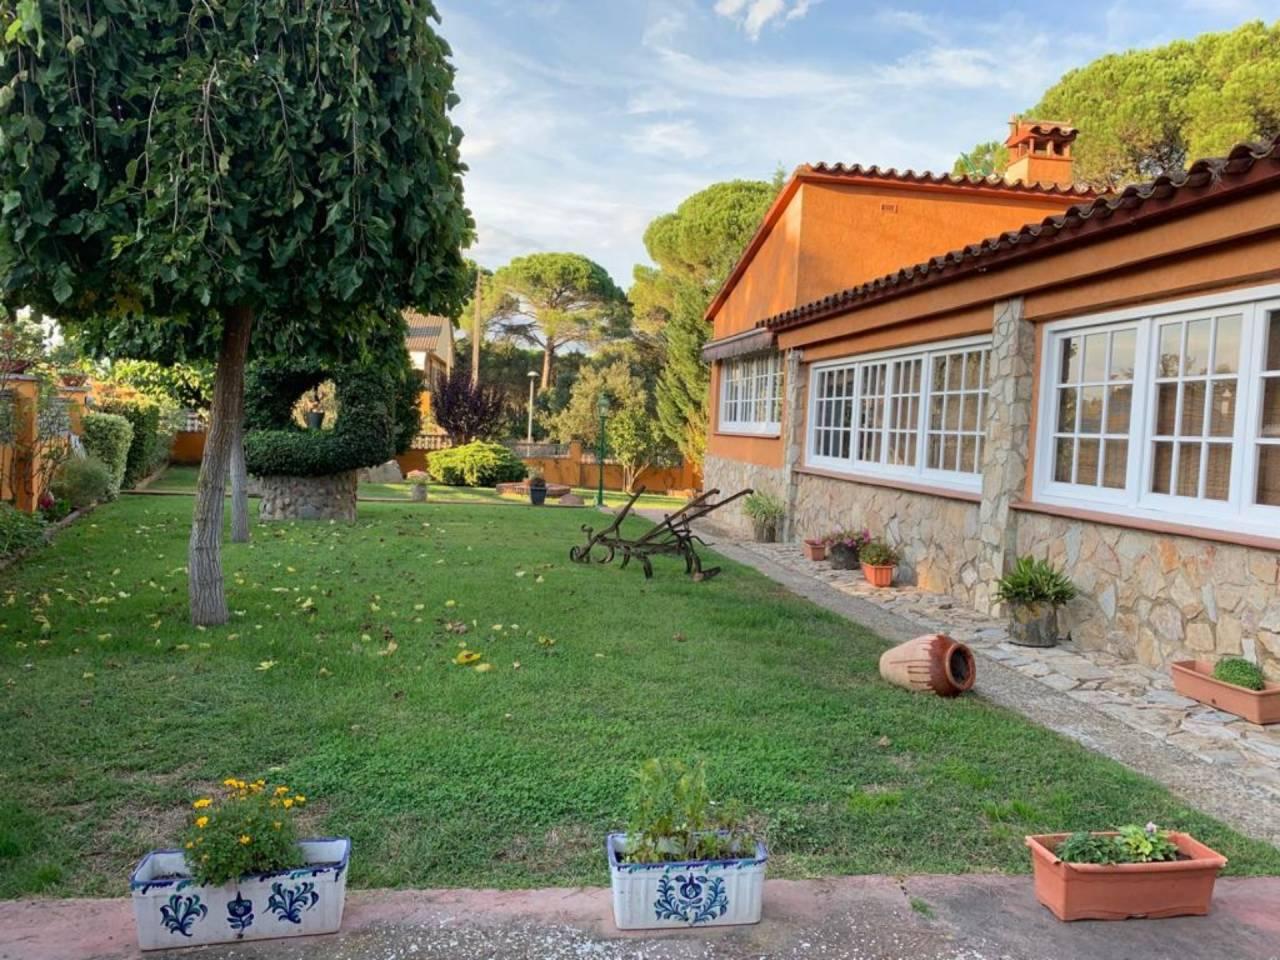 Casa  La canyera. Fantástico chalet situado en la urbanización mont-rei de llagost